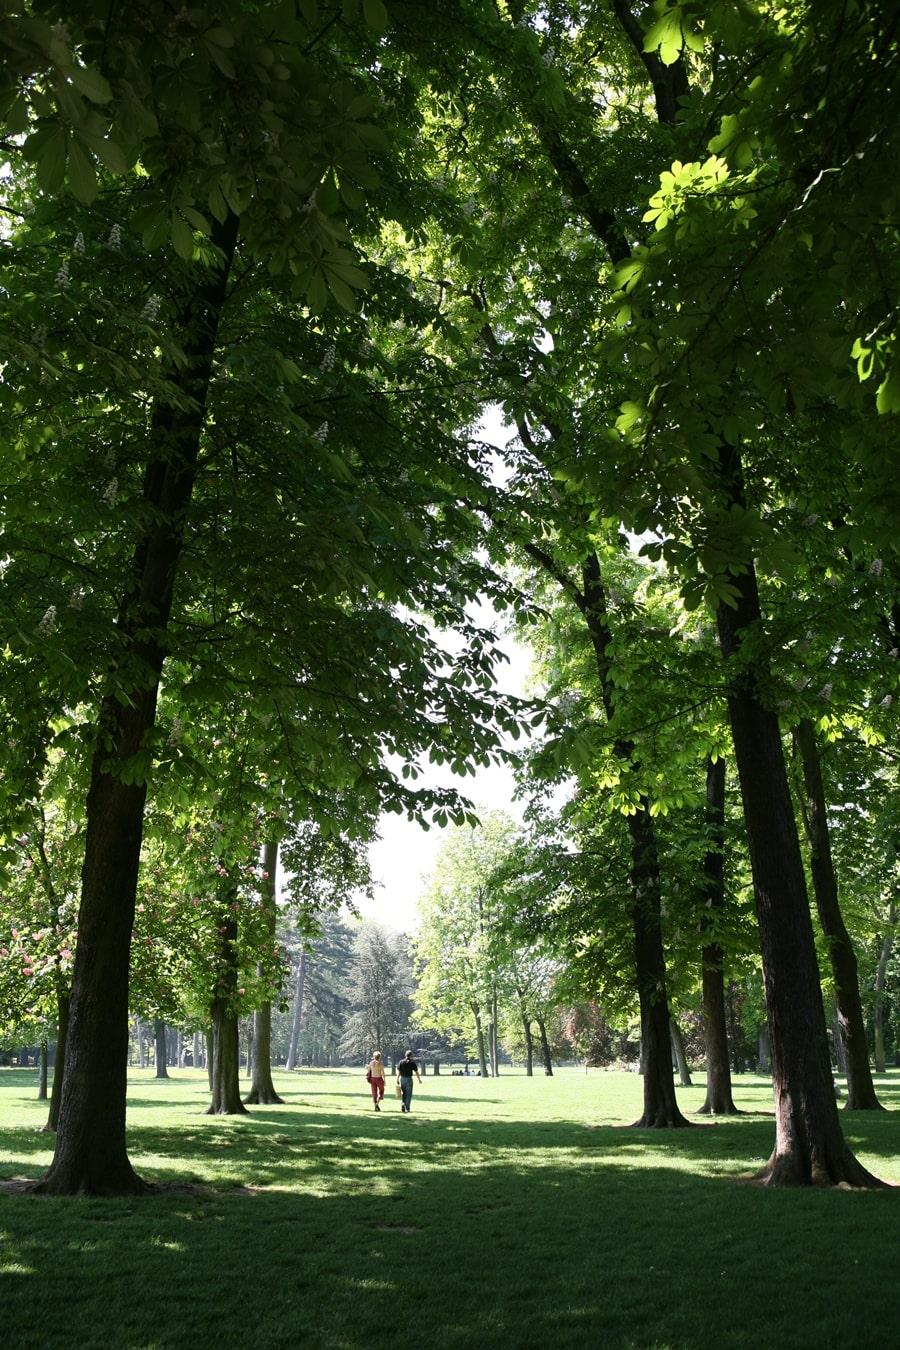 parc-roseraie-3